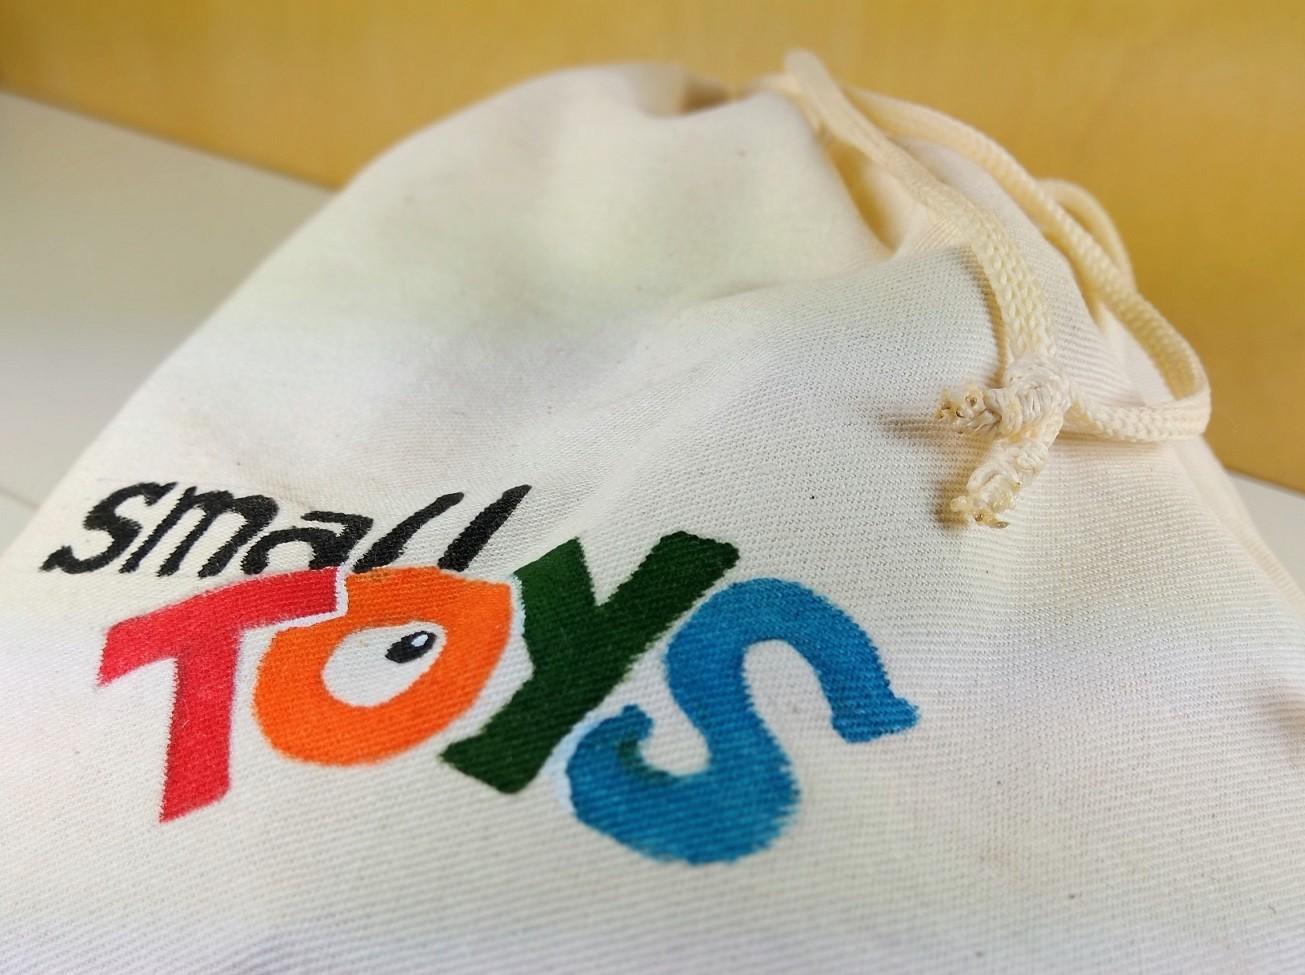 Saquinho de algodão Small Toys para guardar brinquedos - Cód. Peg-012